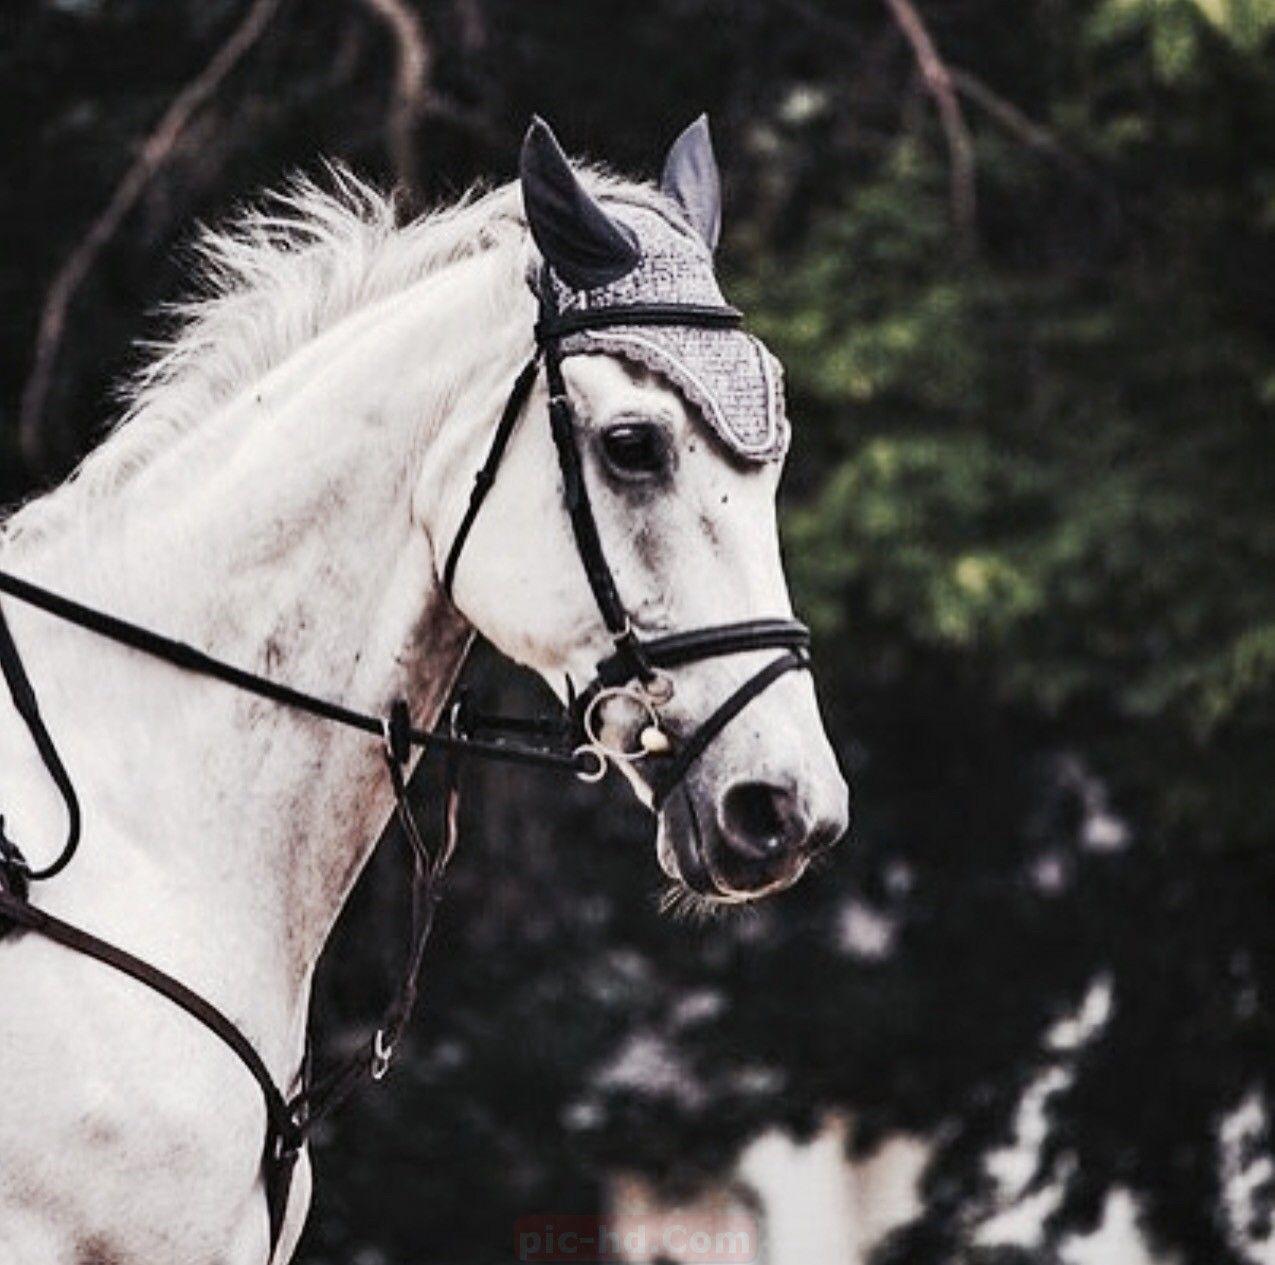 أجمل خلفيات خيول صور الحصان In 2021 Horses Animals Pics